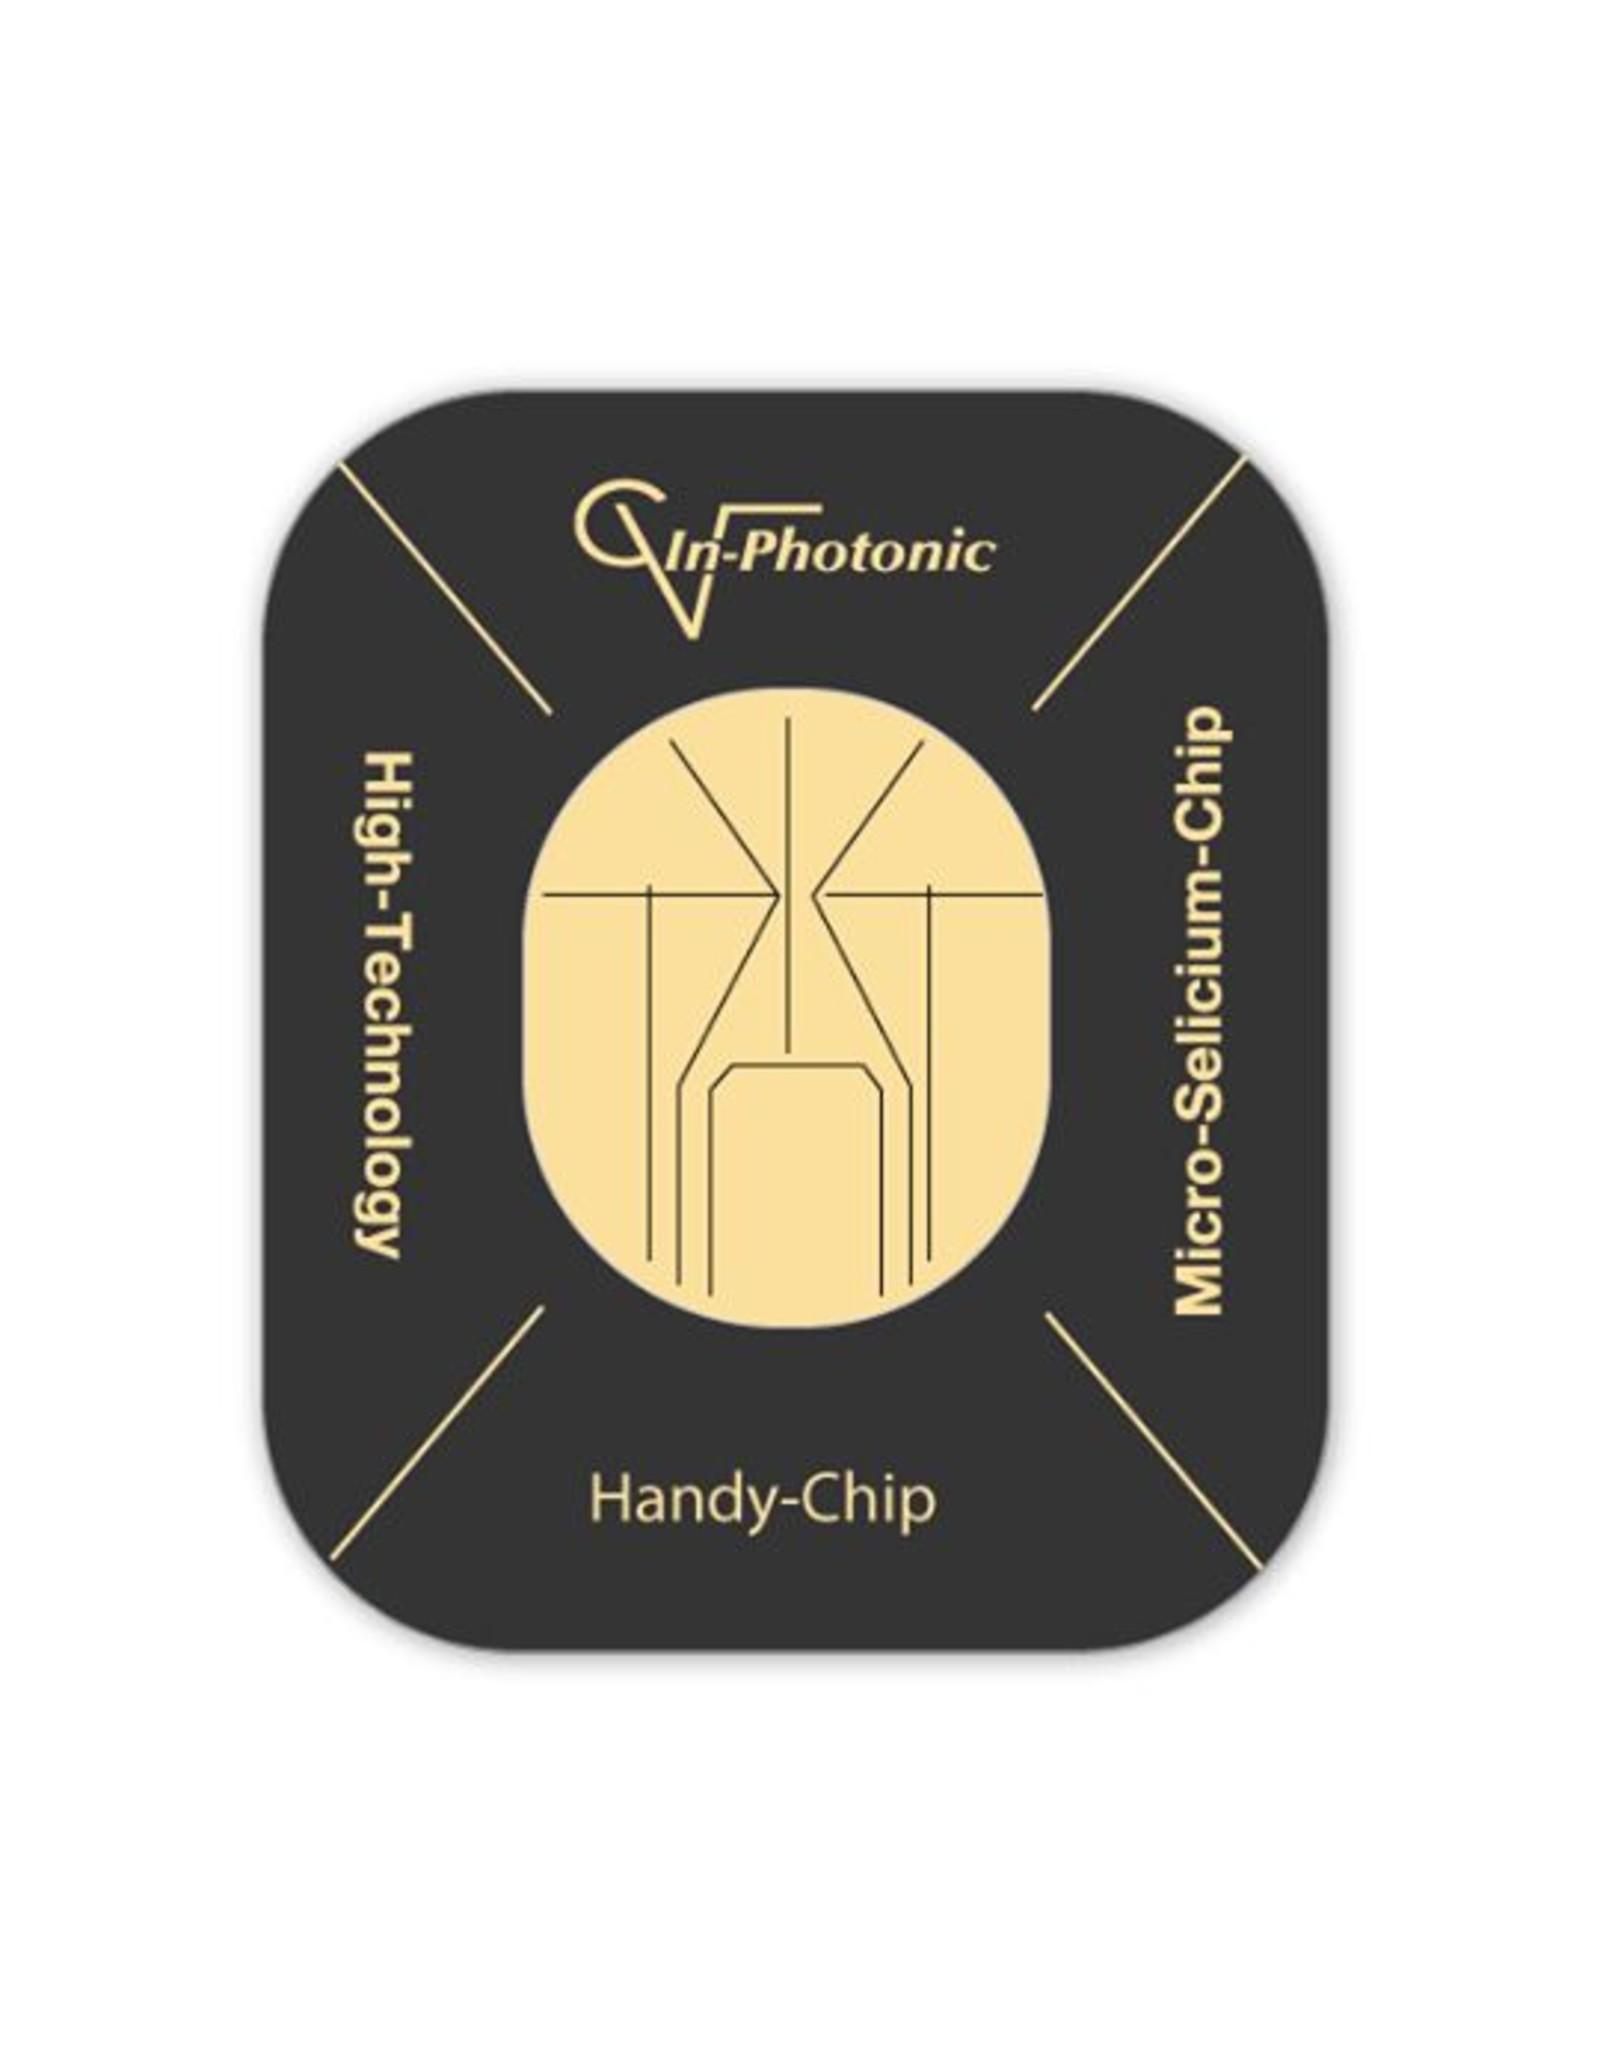 E-Chip